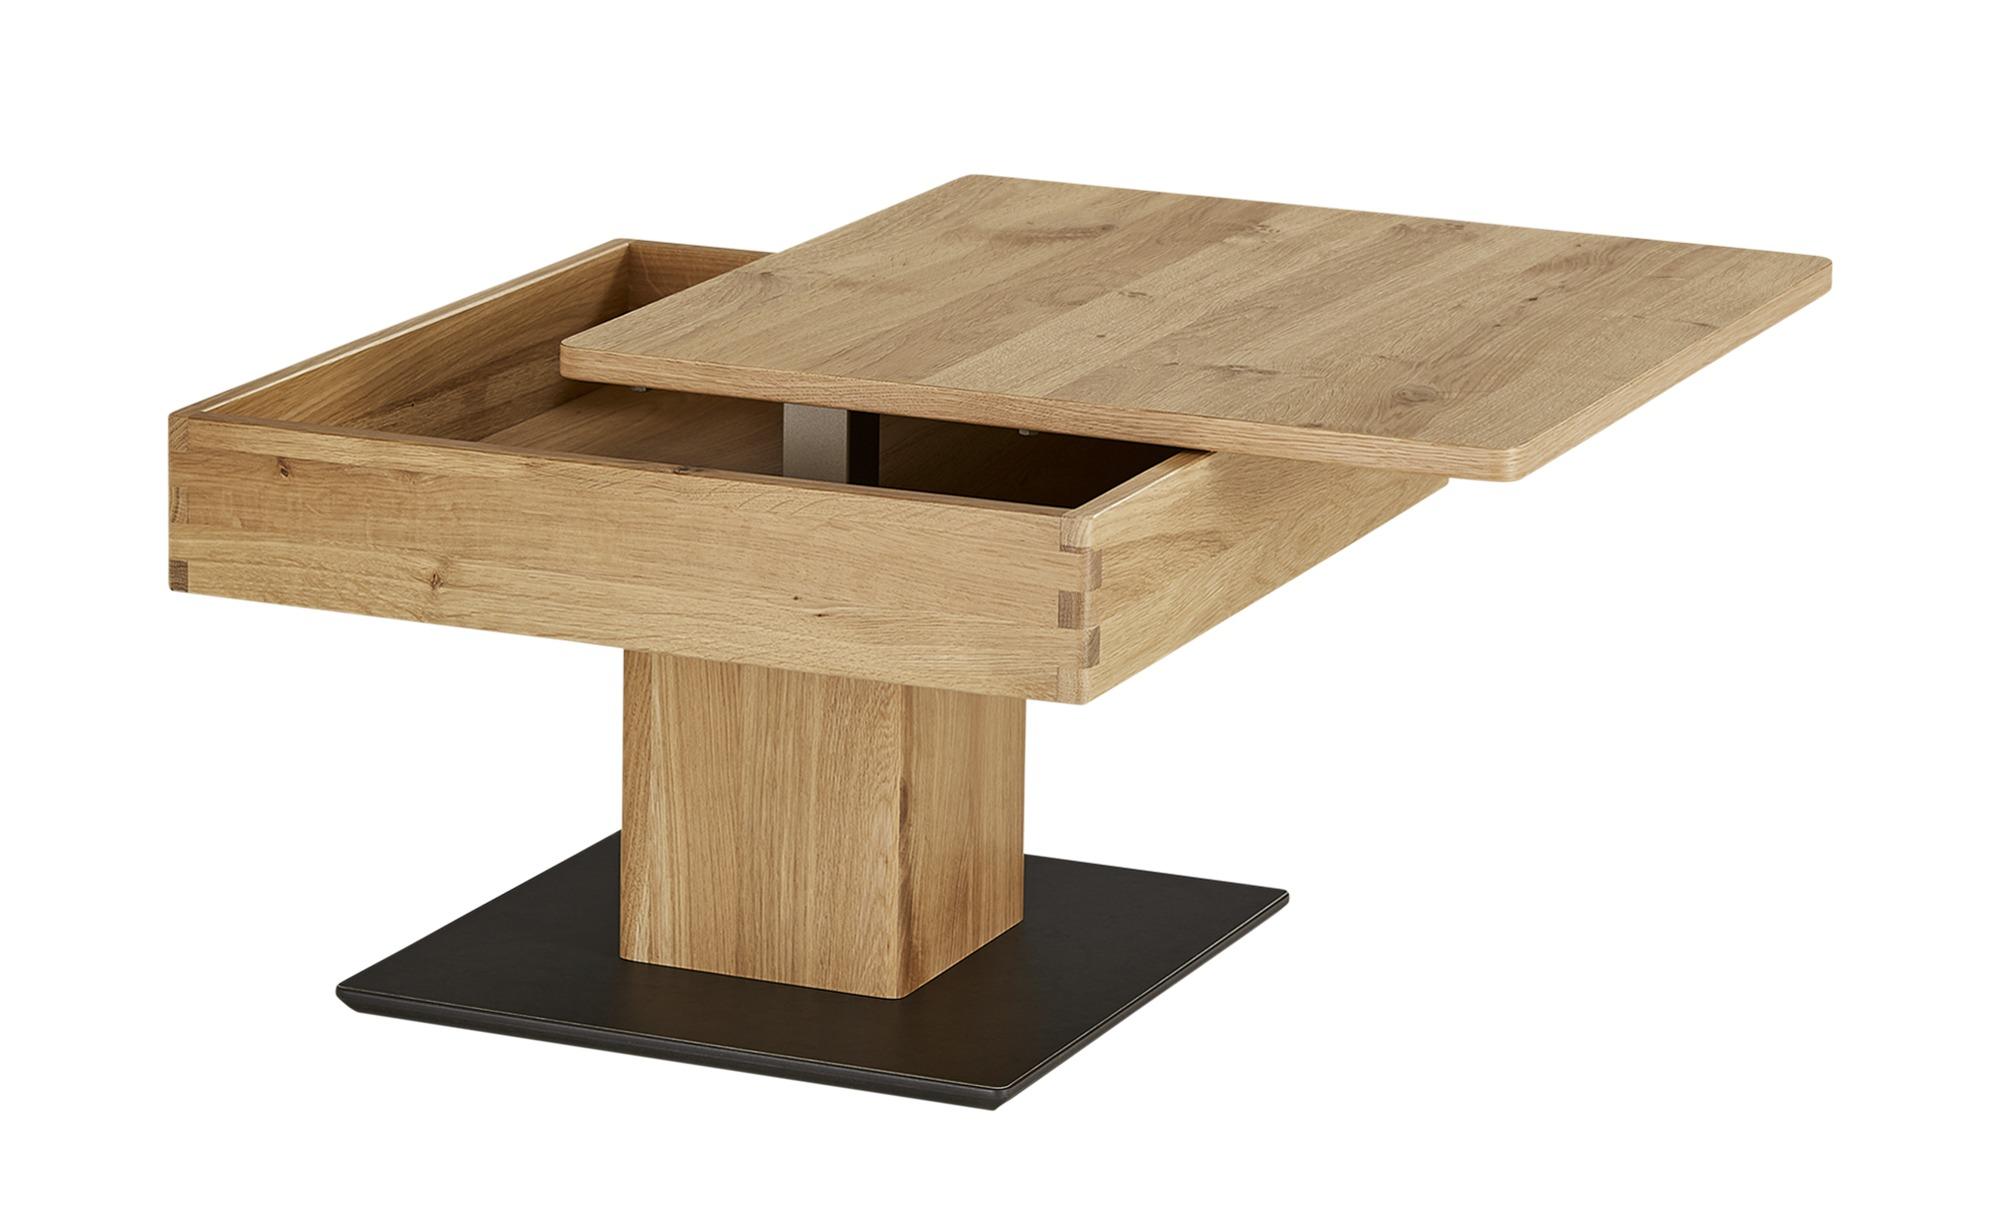 Couchtisch   Vacha ¦ Maße (cm): B: 67 H: 43 T: 43 Tische > Couchtische > Couchtische rechteckig - Höffner